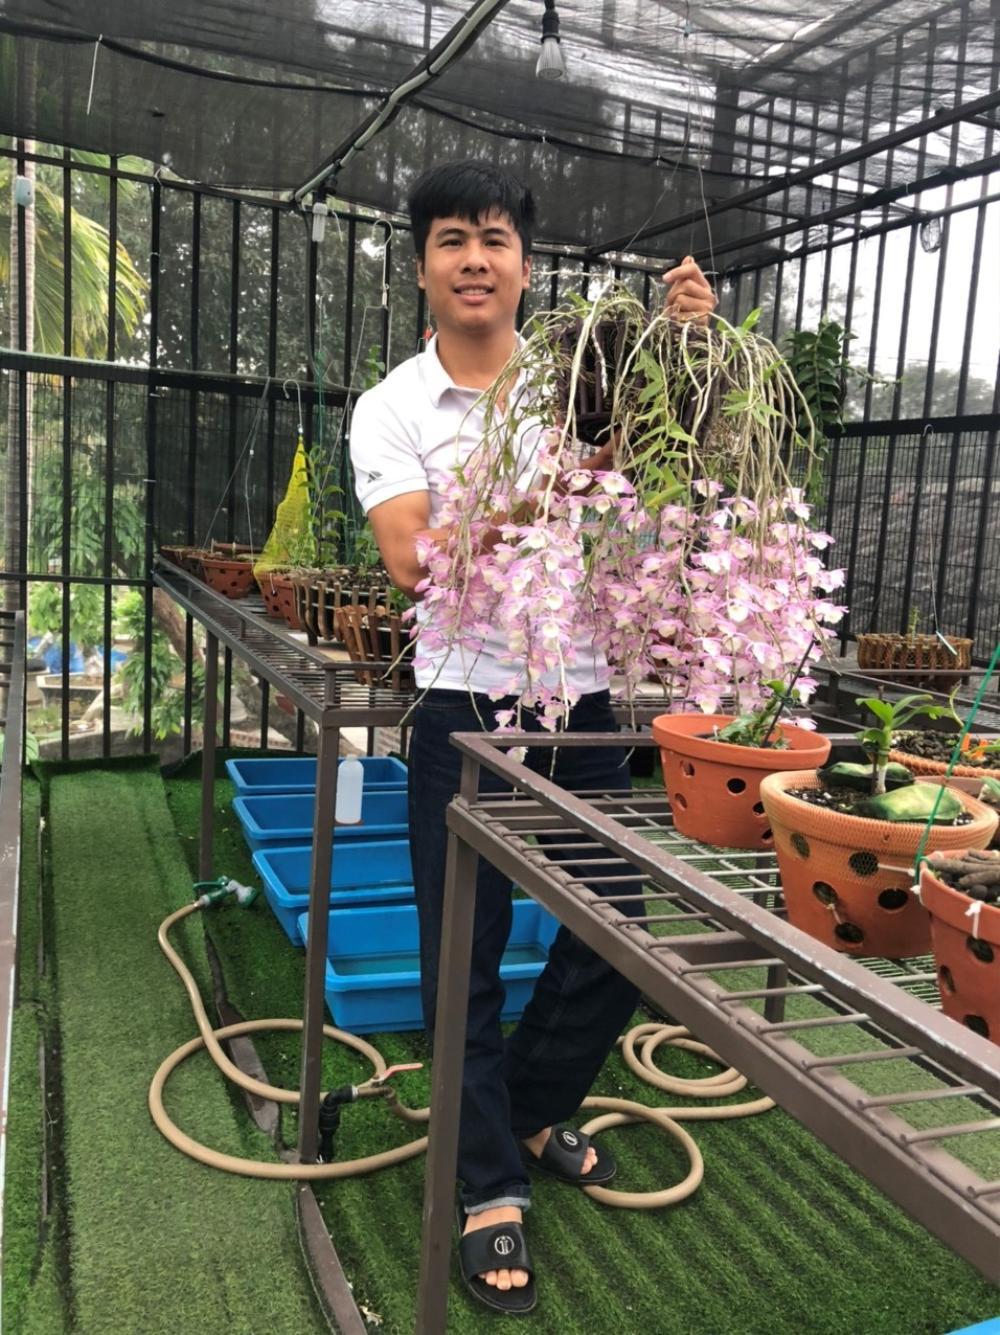 Nghệ nhân trồng lan Tạ Văn Hiệp: Cây lan lớn lên chỉ bằng tình yêu thực sự Ảnh 1